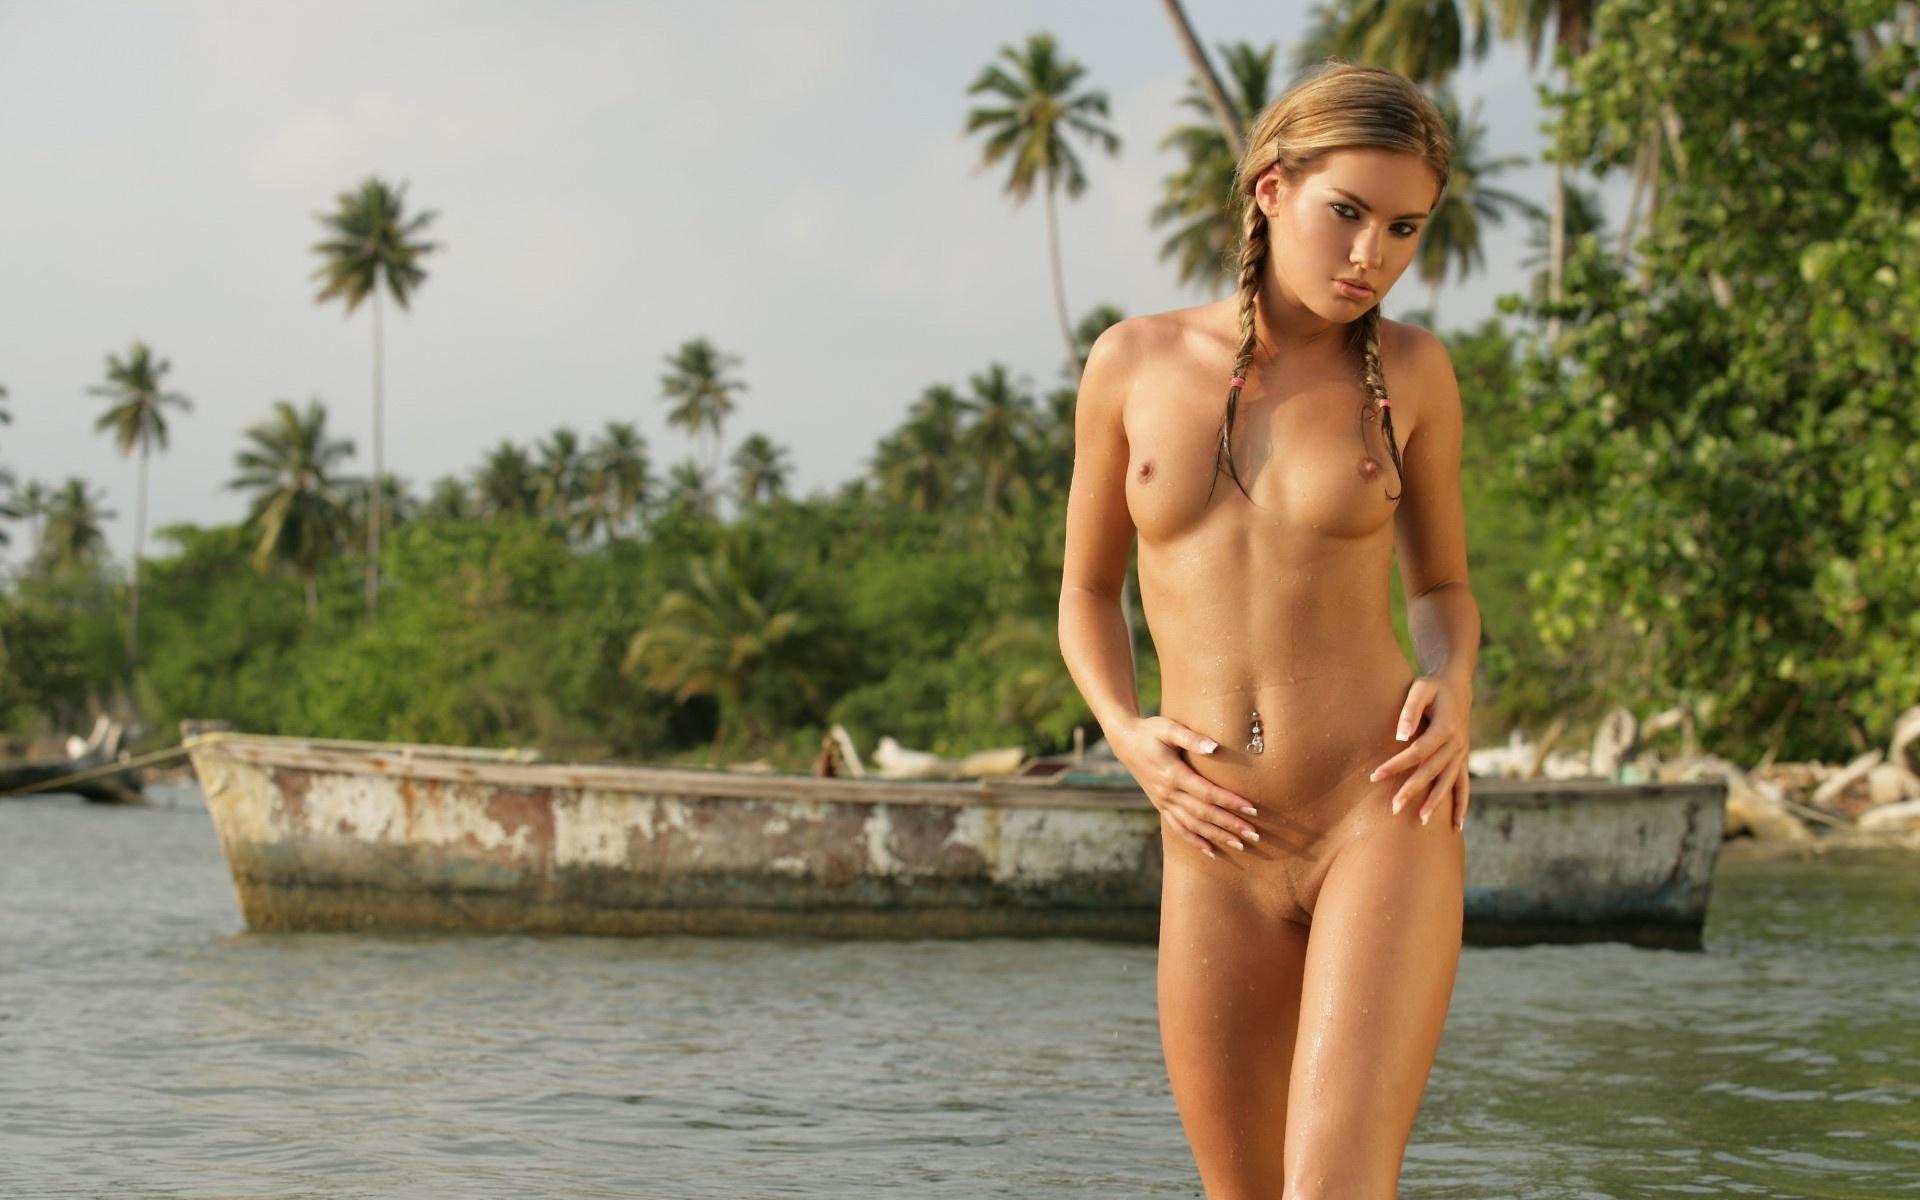 nude-girl-islander